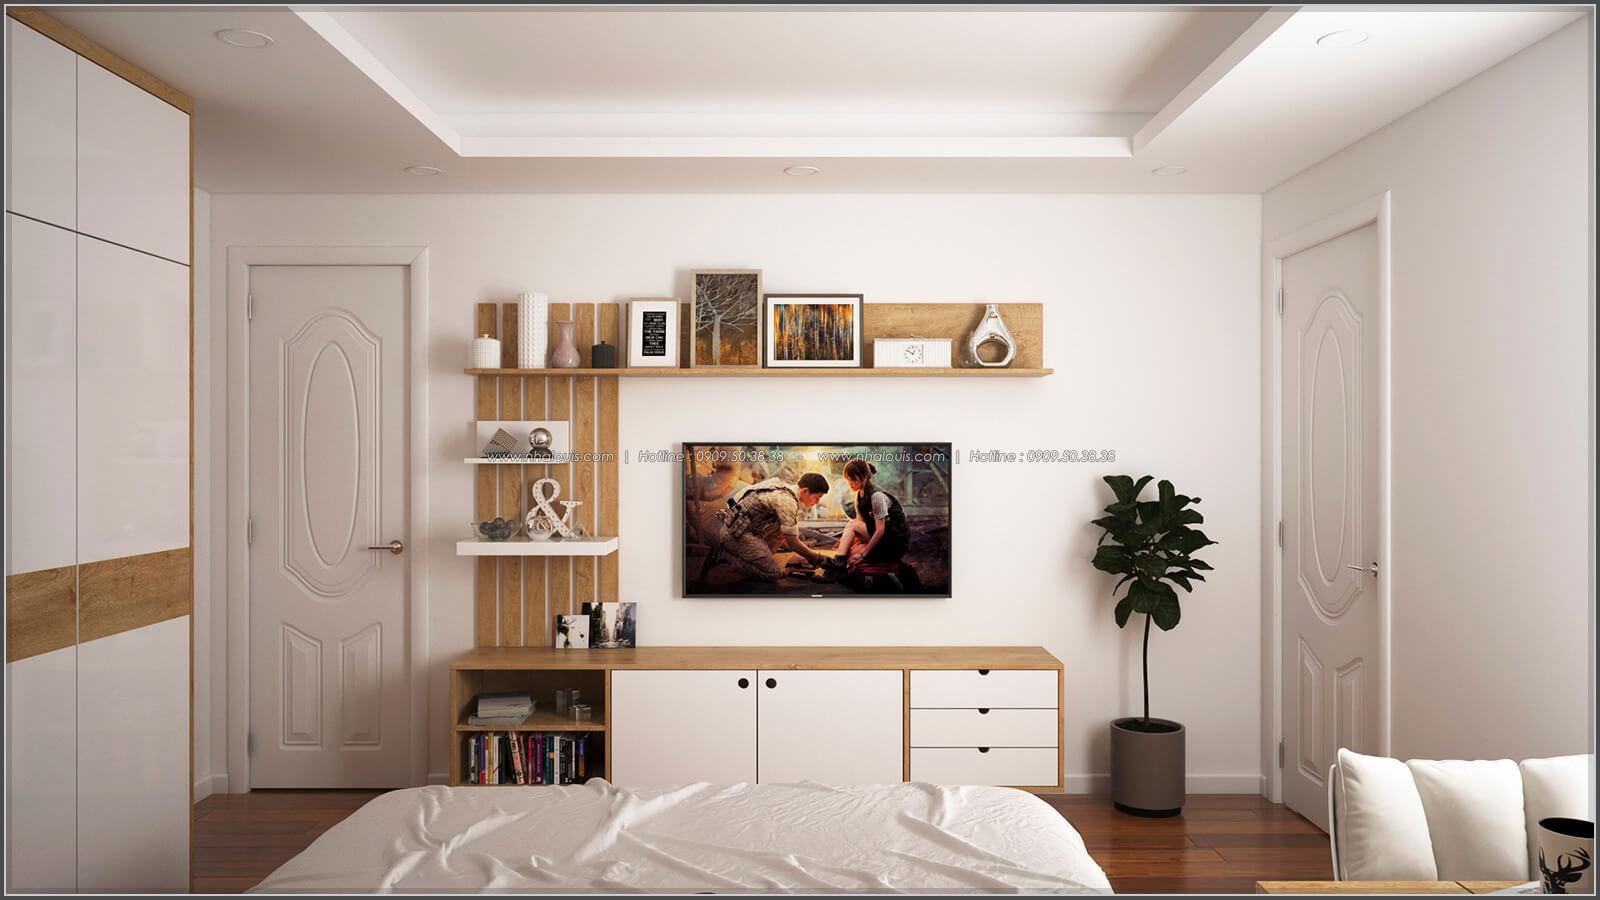 Phòng ngủ thiết kế phòng trọ 15m2 tại Quận Bình Thạnh - 12